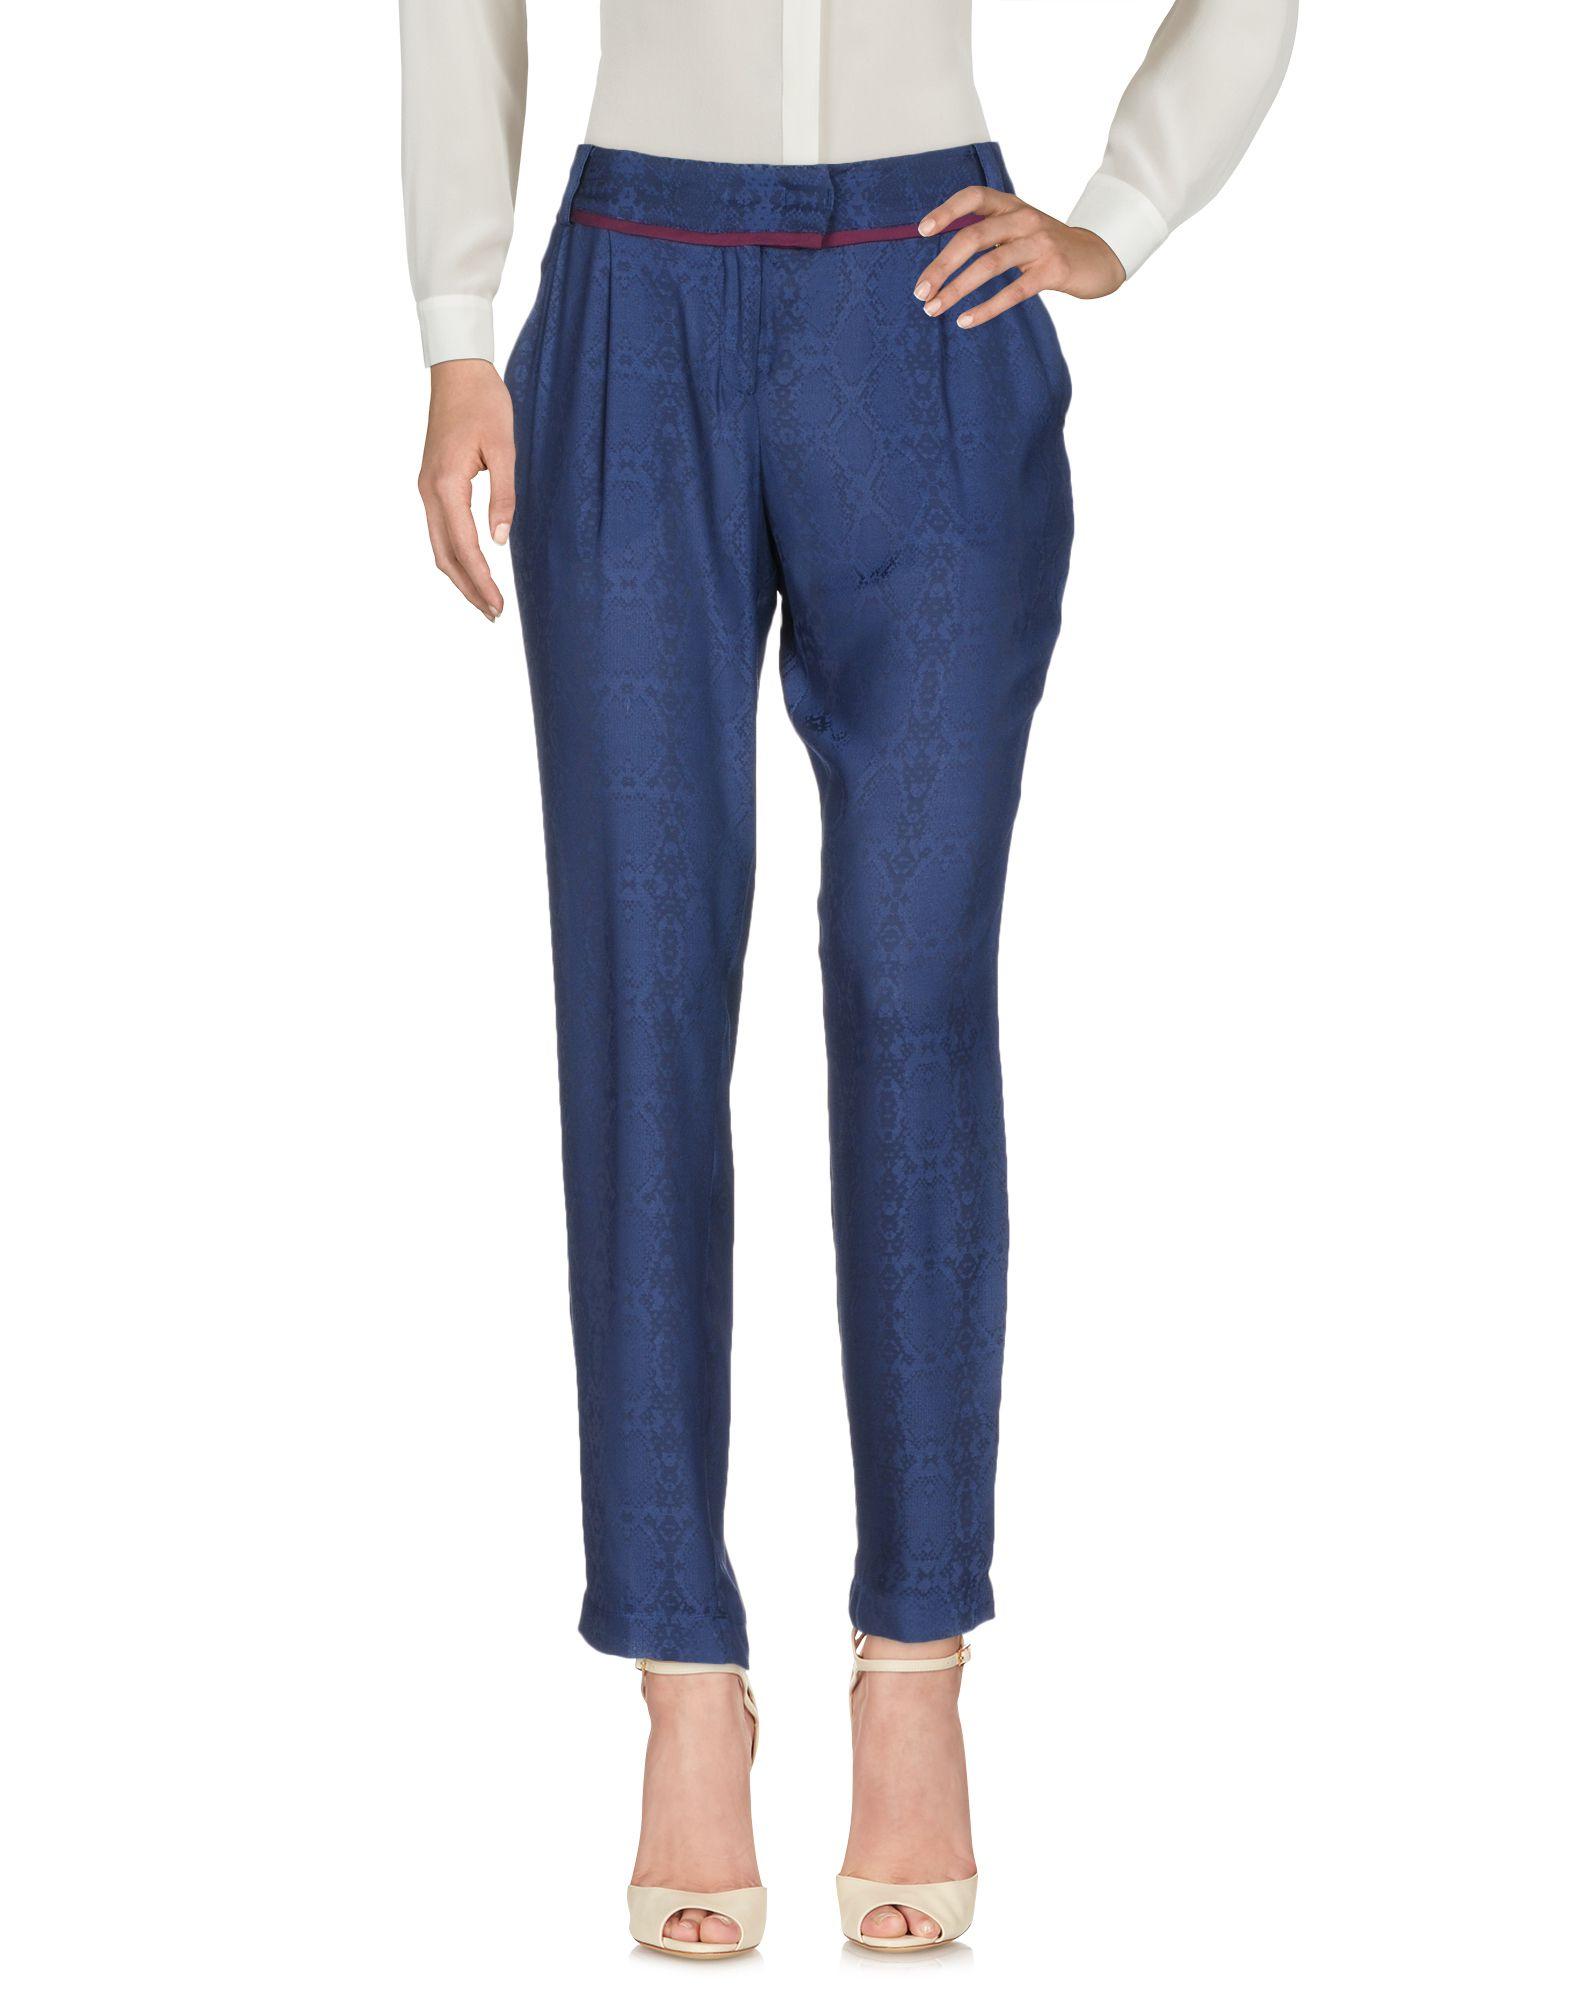 Pantalone Patrizia Pepe damen - 13170162PT